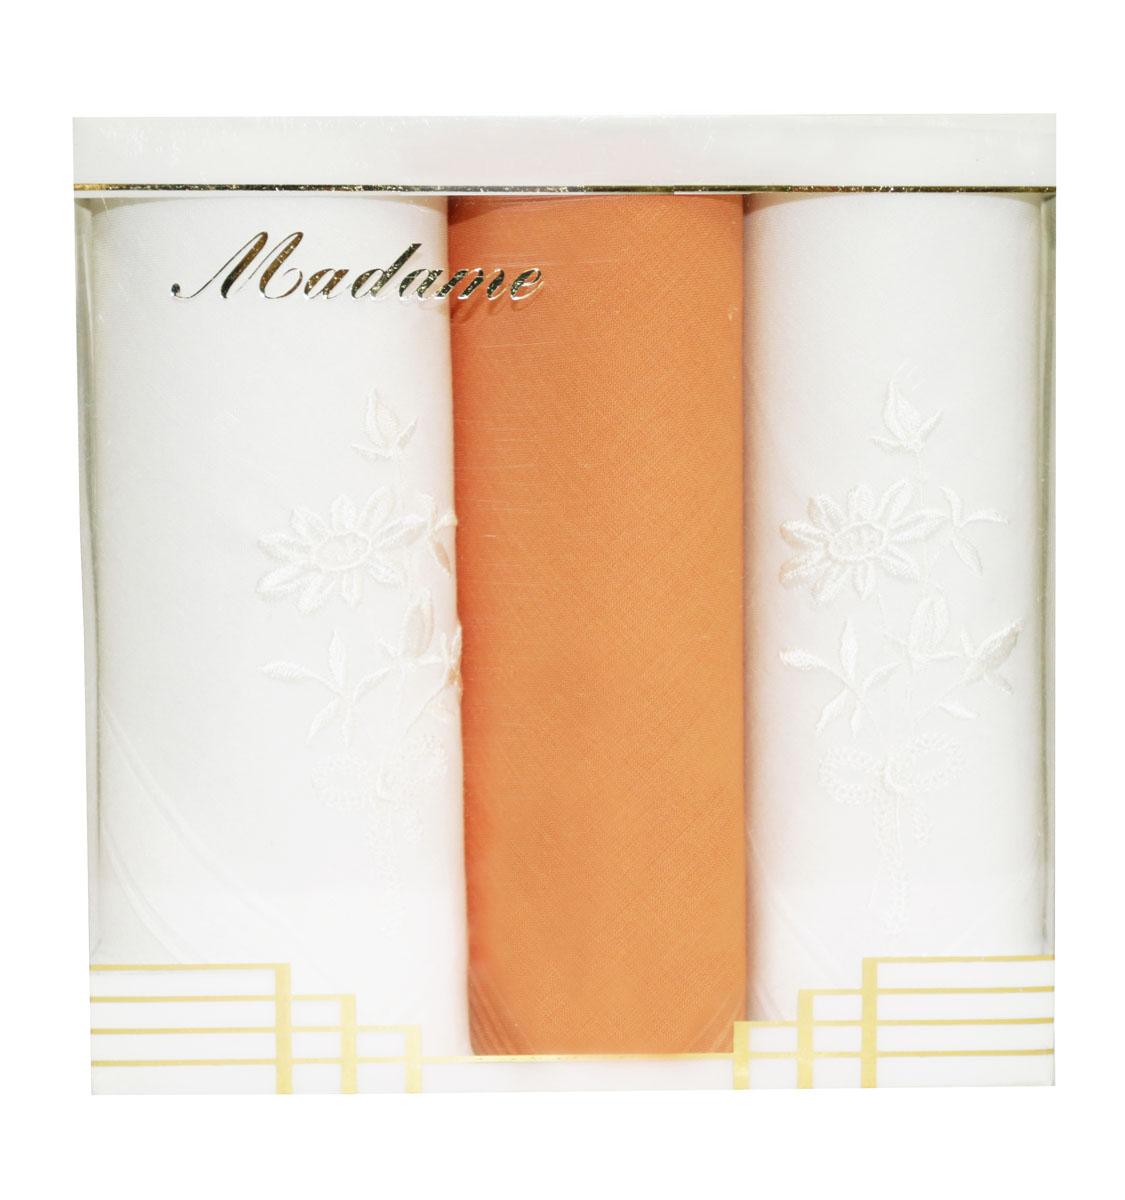 Платок носовой женский Zlata Korunka, цвет: белый, оранжевый, 3 шт. 25605-22. Размер 29 см х 29 см25605-22Небольшой женский носовой платок Zlata Korunka изготовлен из высококачественного натурального хлопка, благодаря чему приятен в использовании, хорошо стирается, не садится и отлично впитывает влагу. Практичный и изящный носовой платок будет незаменим в повседневной жизни любого современного человека. Такой платок послужит стильным аксессуаром и подчеркнет ваше превосходное чувство вкуса. В комплекте 3 платка.